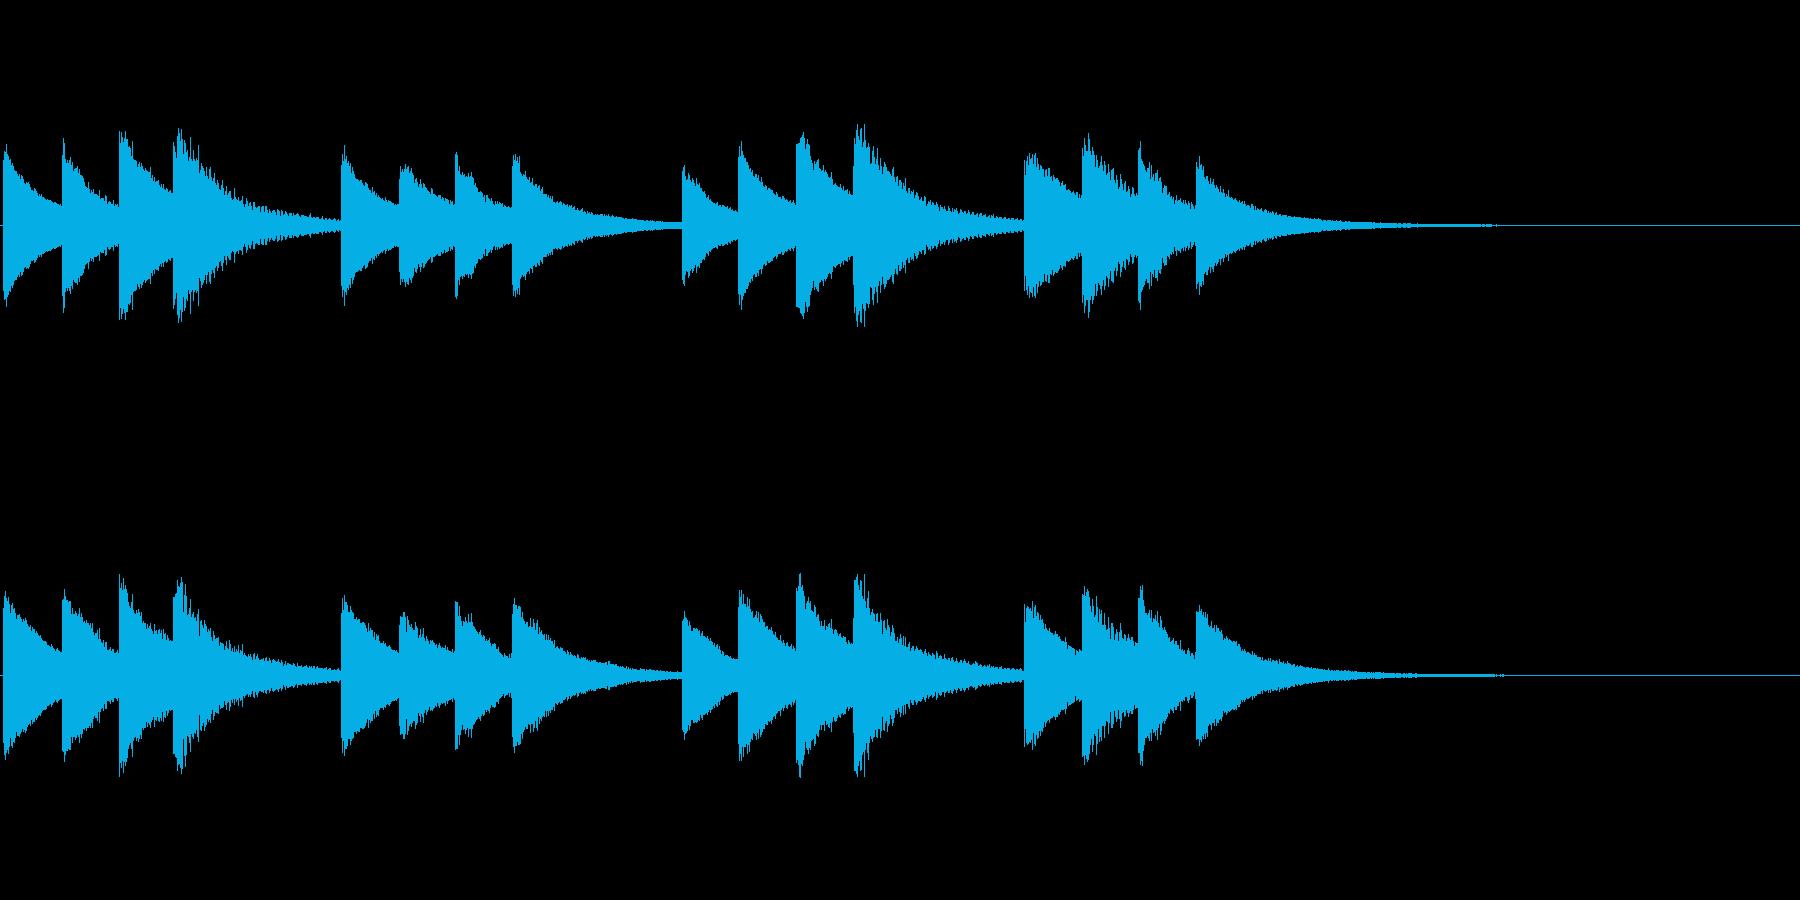 始業・終業 学校のチャイム01の再生済みの波形